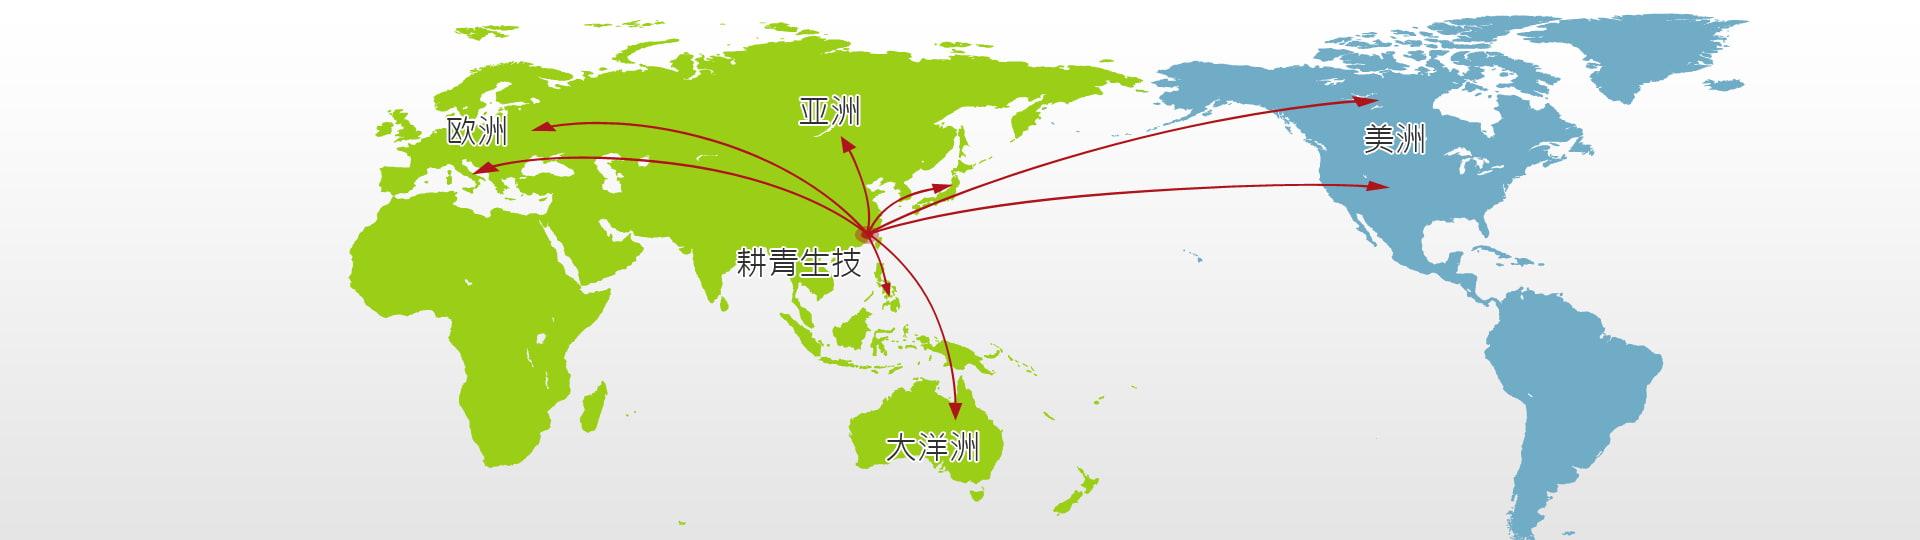 服务网络远达欧美